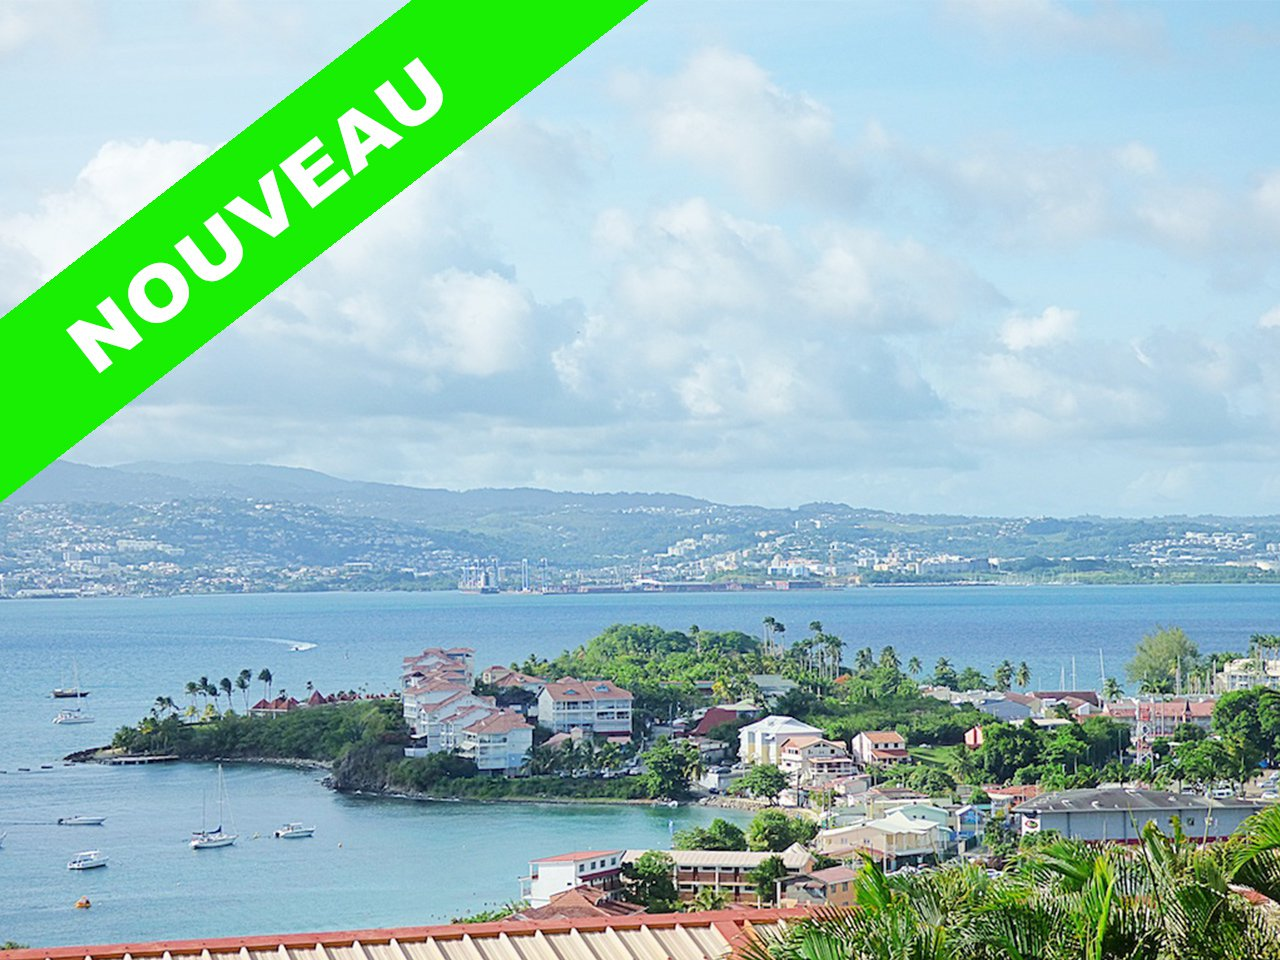 Beau T2 Meublé - Terrasse - Vue Mer - Parking - Charges Comprises